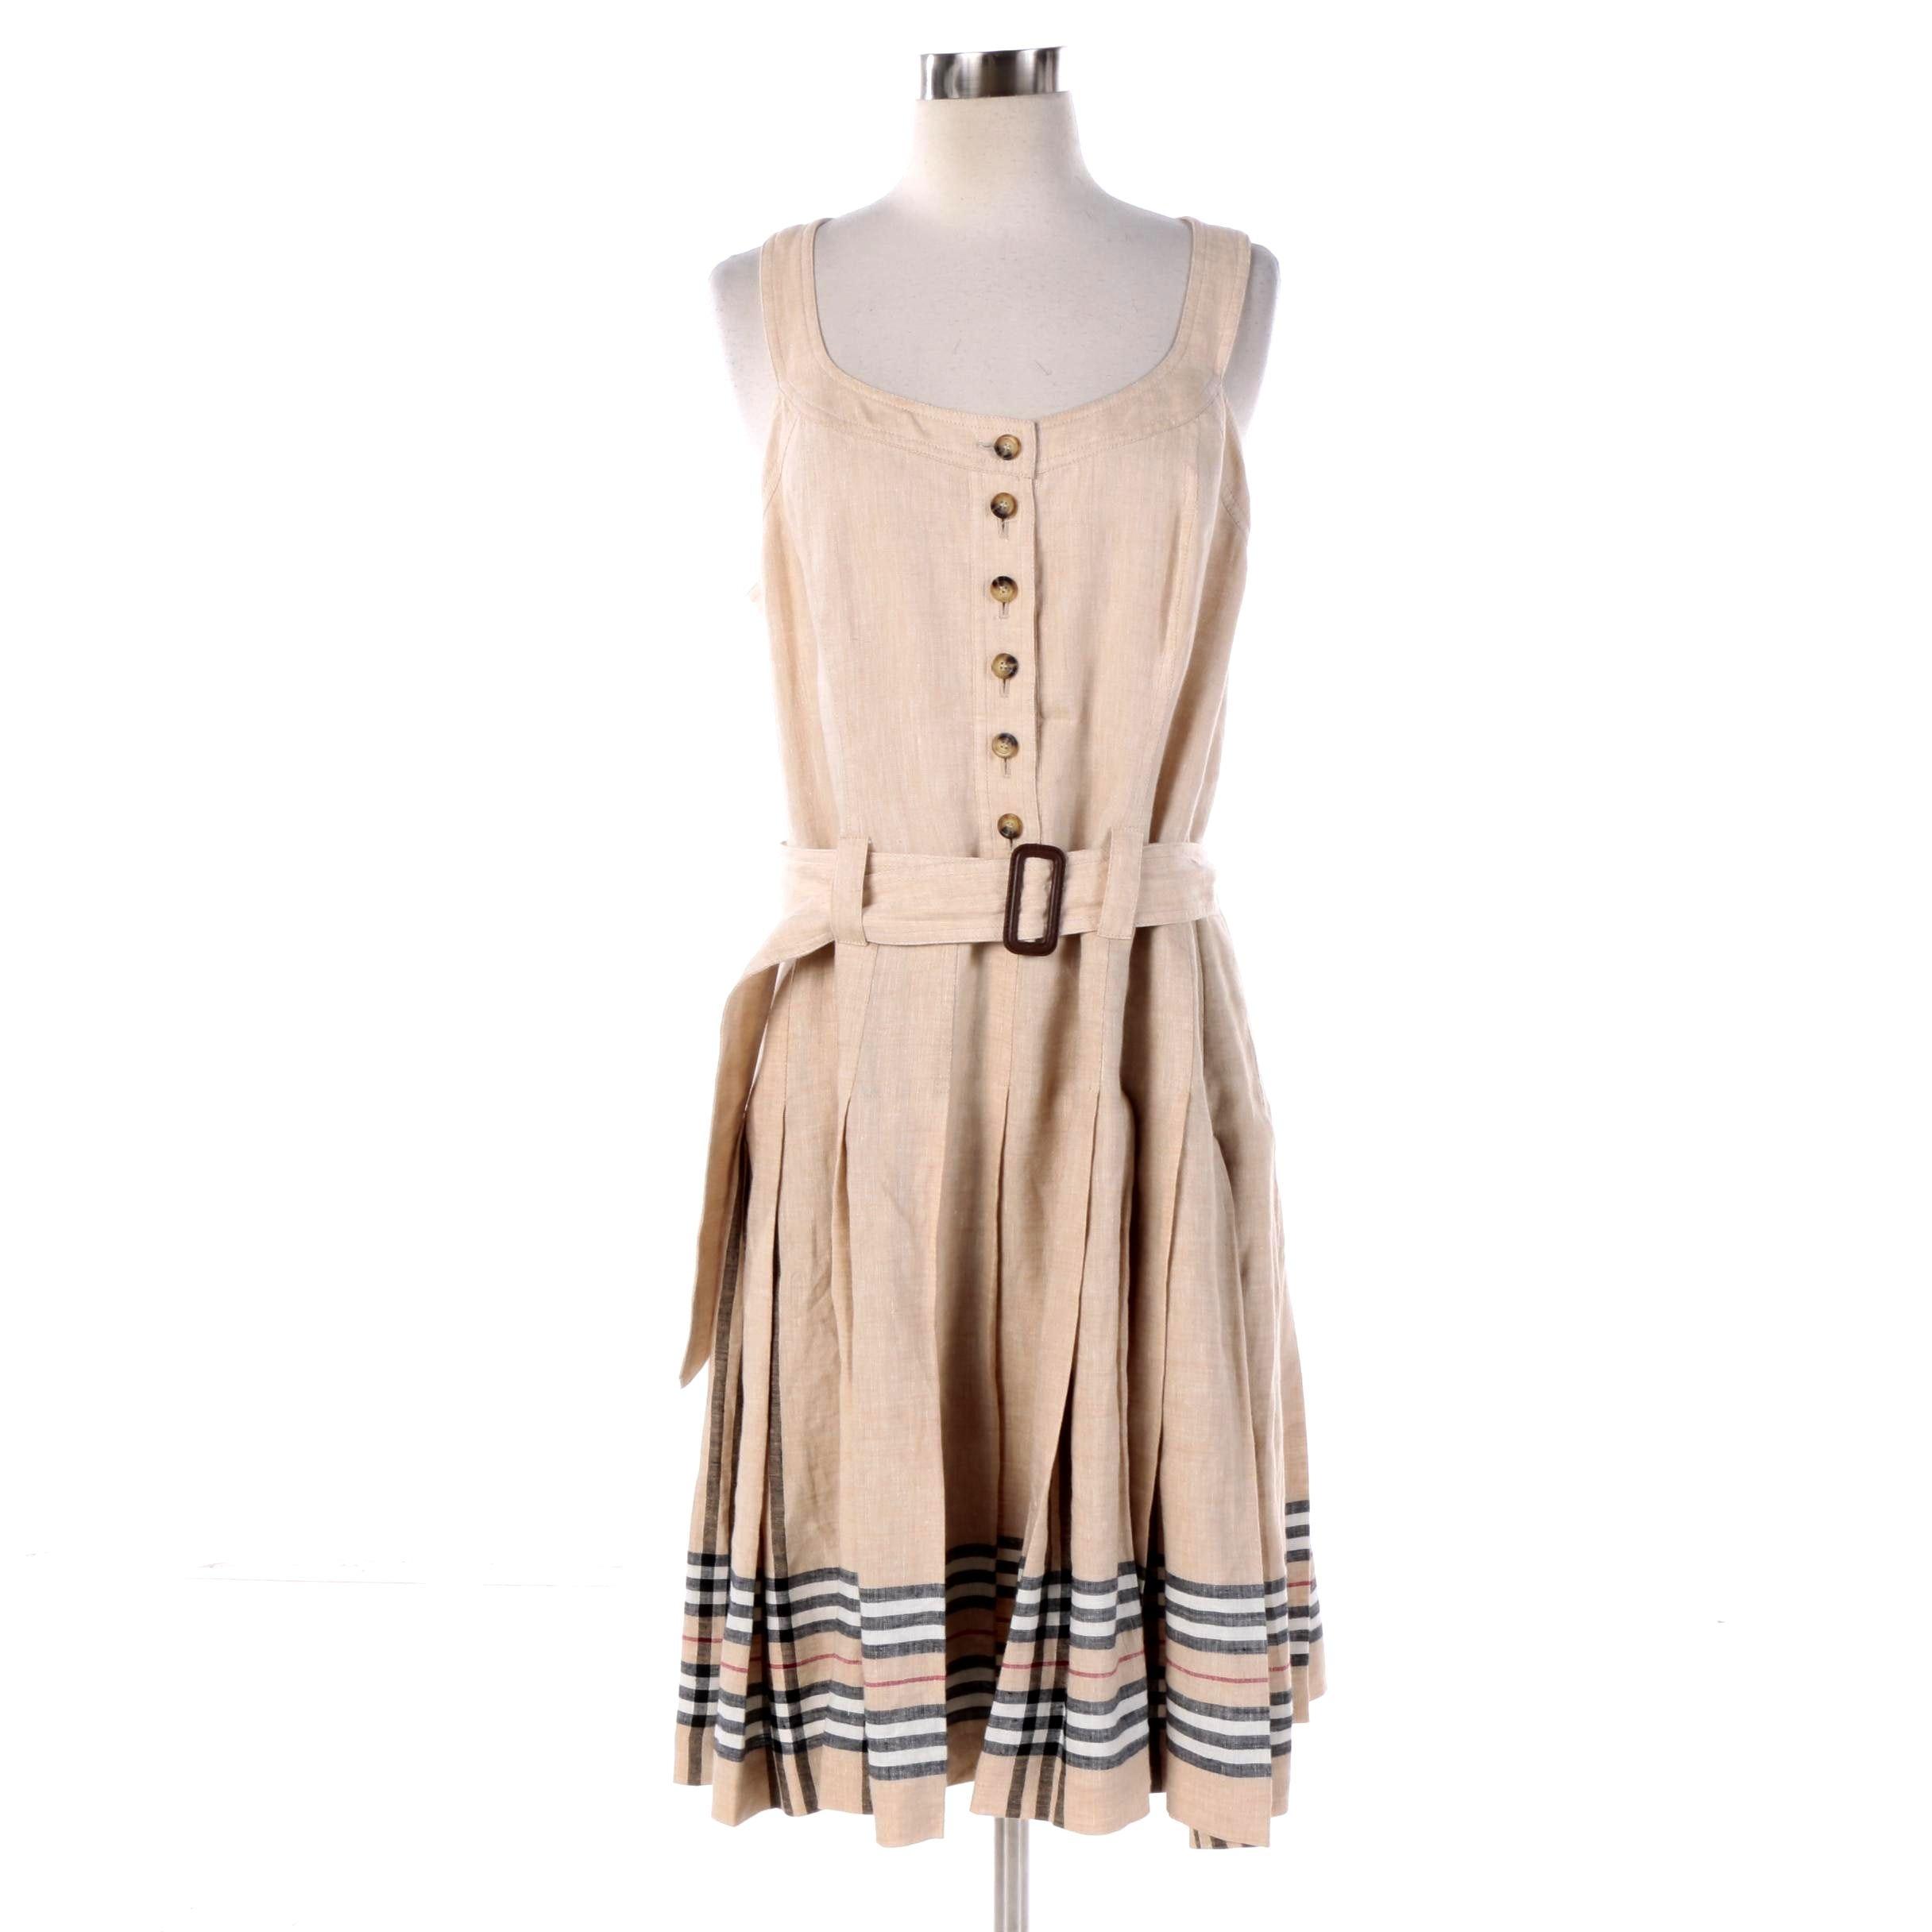 Women's Burberry London Beige Linen Sleeveless Dress